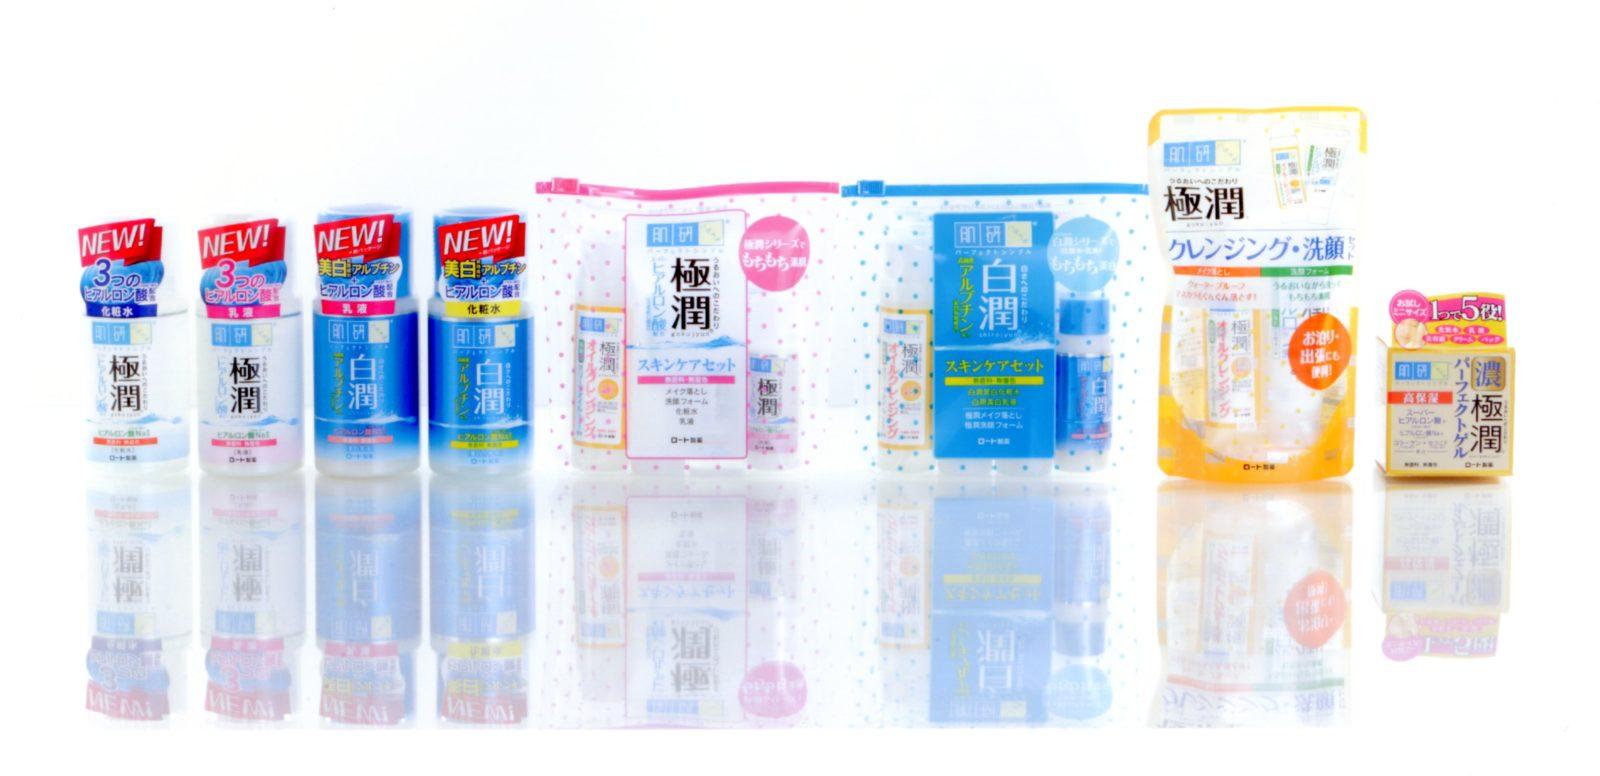 肌研-ハダラボ「コンビニシリーズ」